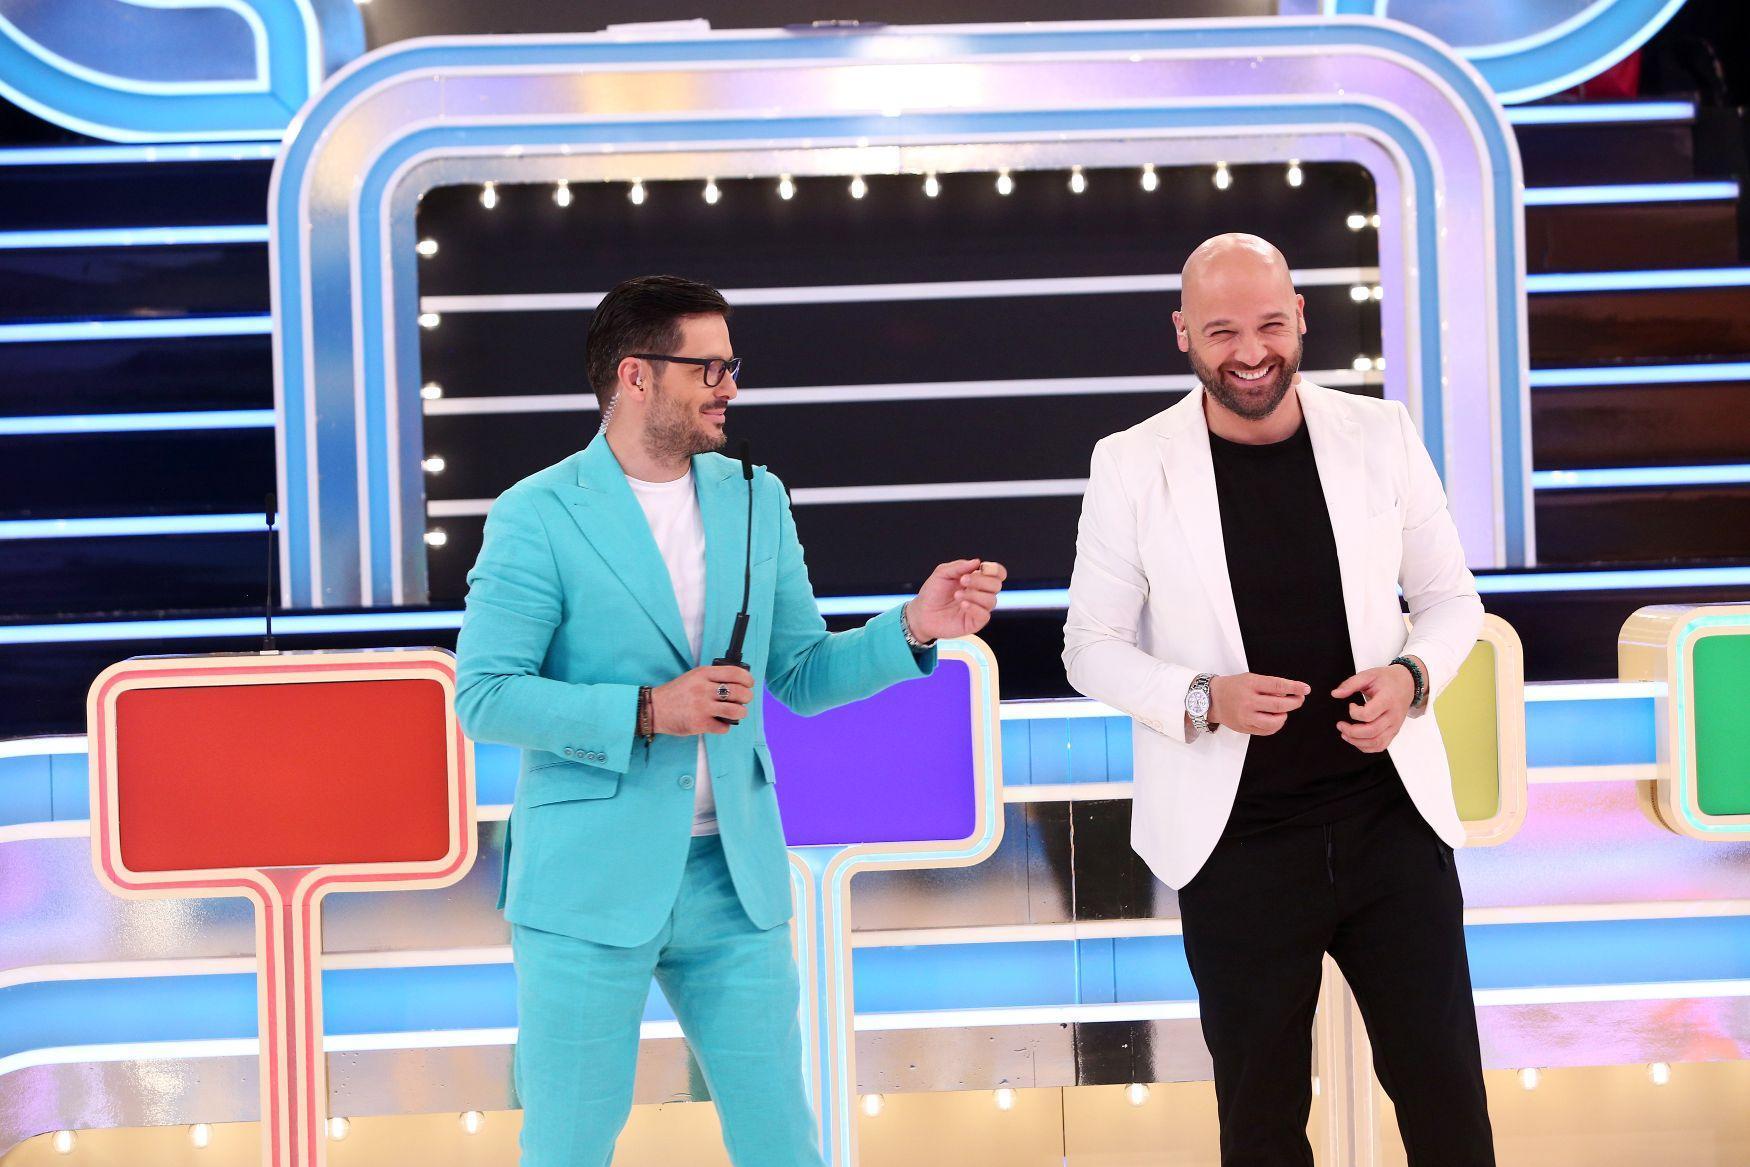 """Imagini în premieră din culisele show-ului """"Prețul cel bun"""". Cum l-a filmat Liviu Vârciu pe fiul lui Andrei Ștefănescu"""